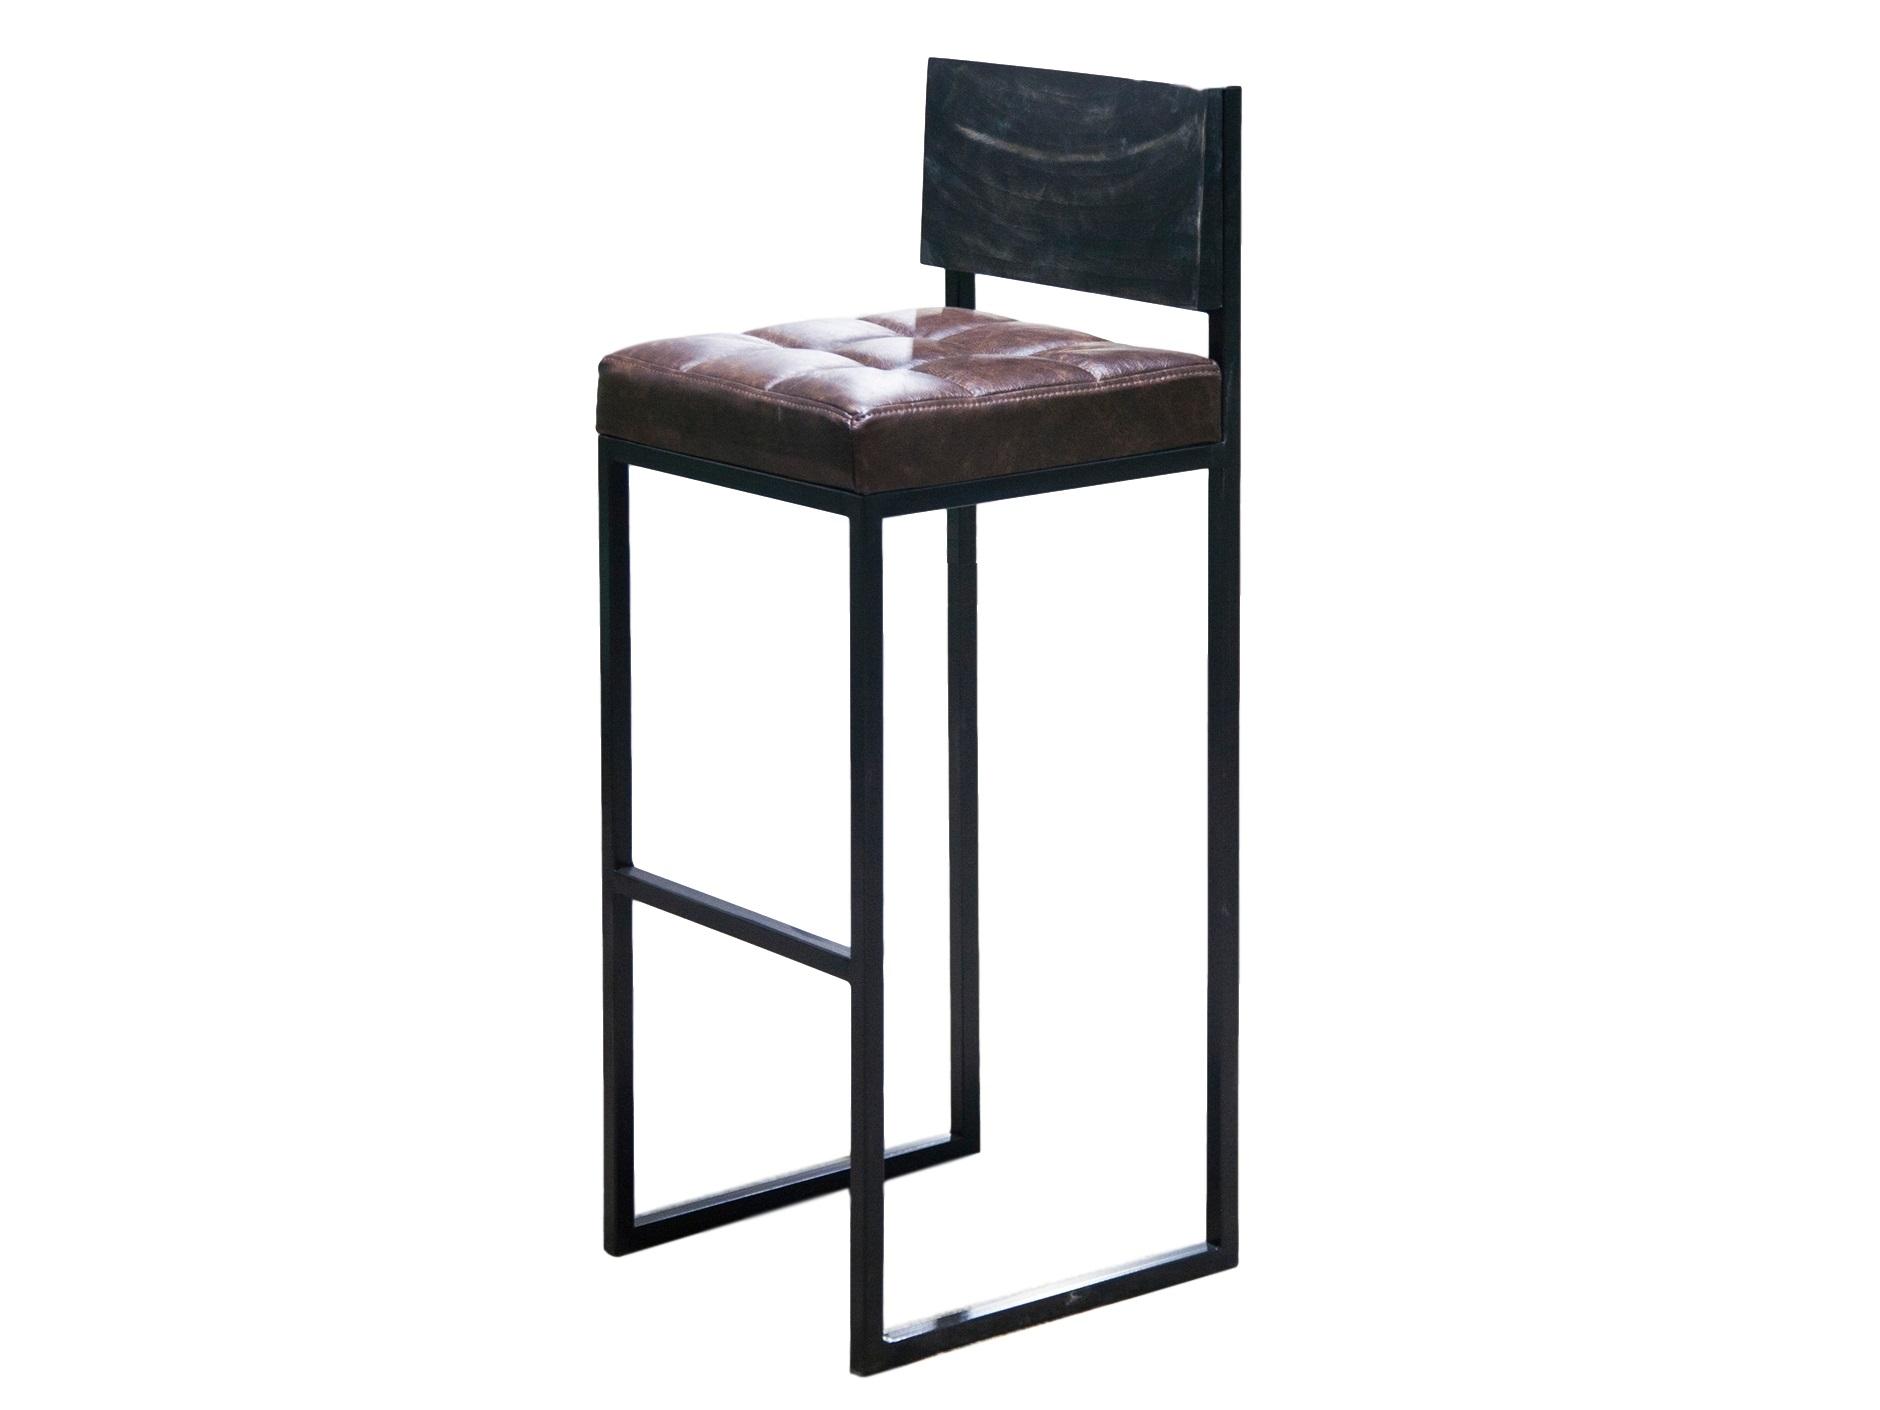 Барный стул Softmoon BarБарные стулья<br>Высокий барный стул с ассортиментом материалов и цветов в отделке. Мягкое кожаное сиденье и спинка из массива дерева лаконично вписаны в металлический каркас. Стильное решение для лофт-пространства.<br><br>Материал: березовая фанера, водный лак, стальной каркас, бычья кожа.<br>Высота: 670мм (высота столешницы 900мм); 750мм (высо?та столешницы 1000-1100м?м); 800мм (высо?та столешницы 1100-1200м?м).<br><br>Различные варианты отделки дерева и металла.<br>Срок изготовления: 4-5 недель.<br><br>Material: Металл<br>Ширина см: 36<br>Высота см: 76<br>Глубина см: 39